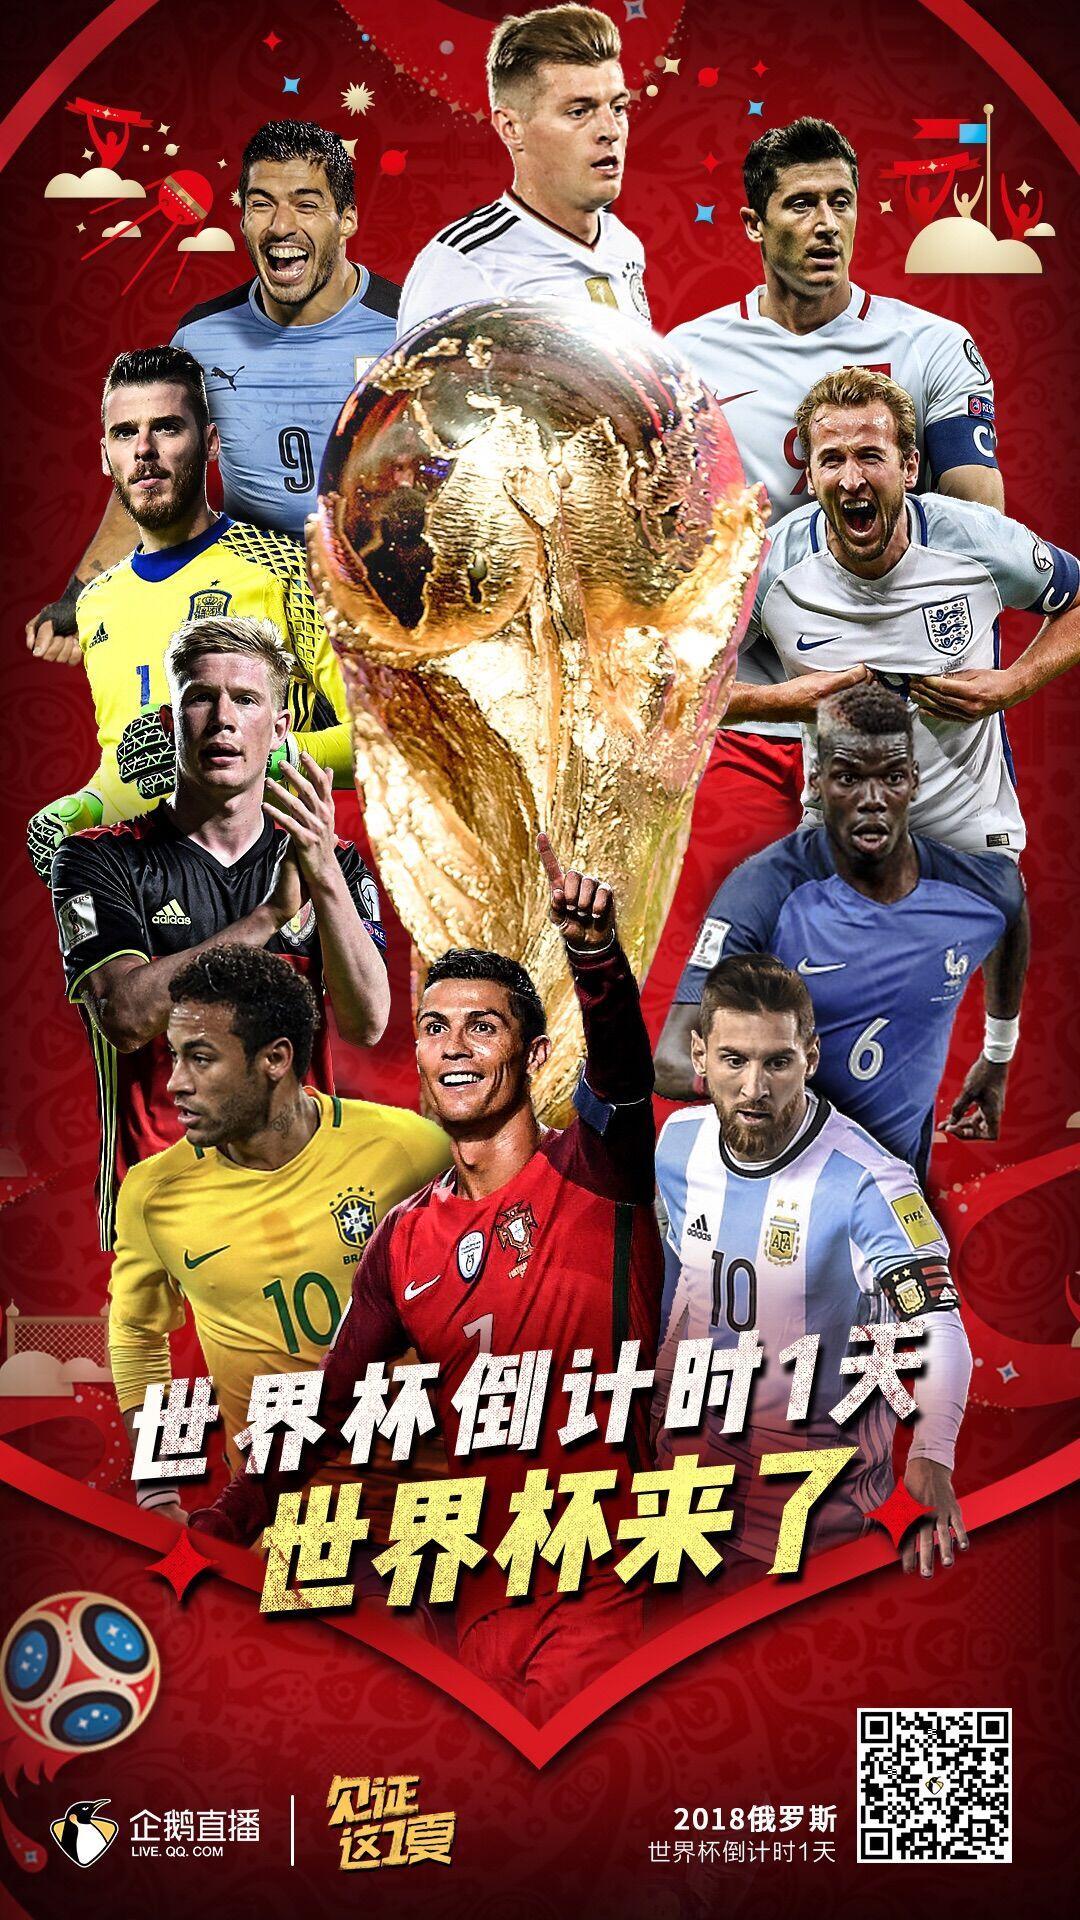 见证这一夏!俄罗斯世界杯倒计时1天!